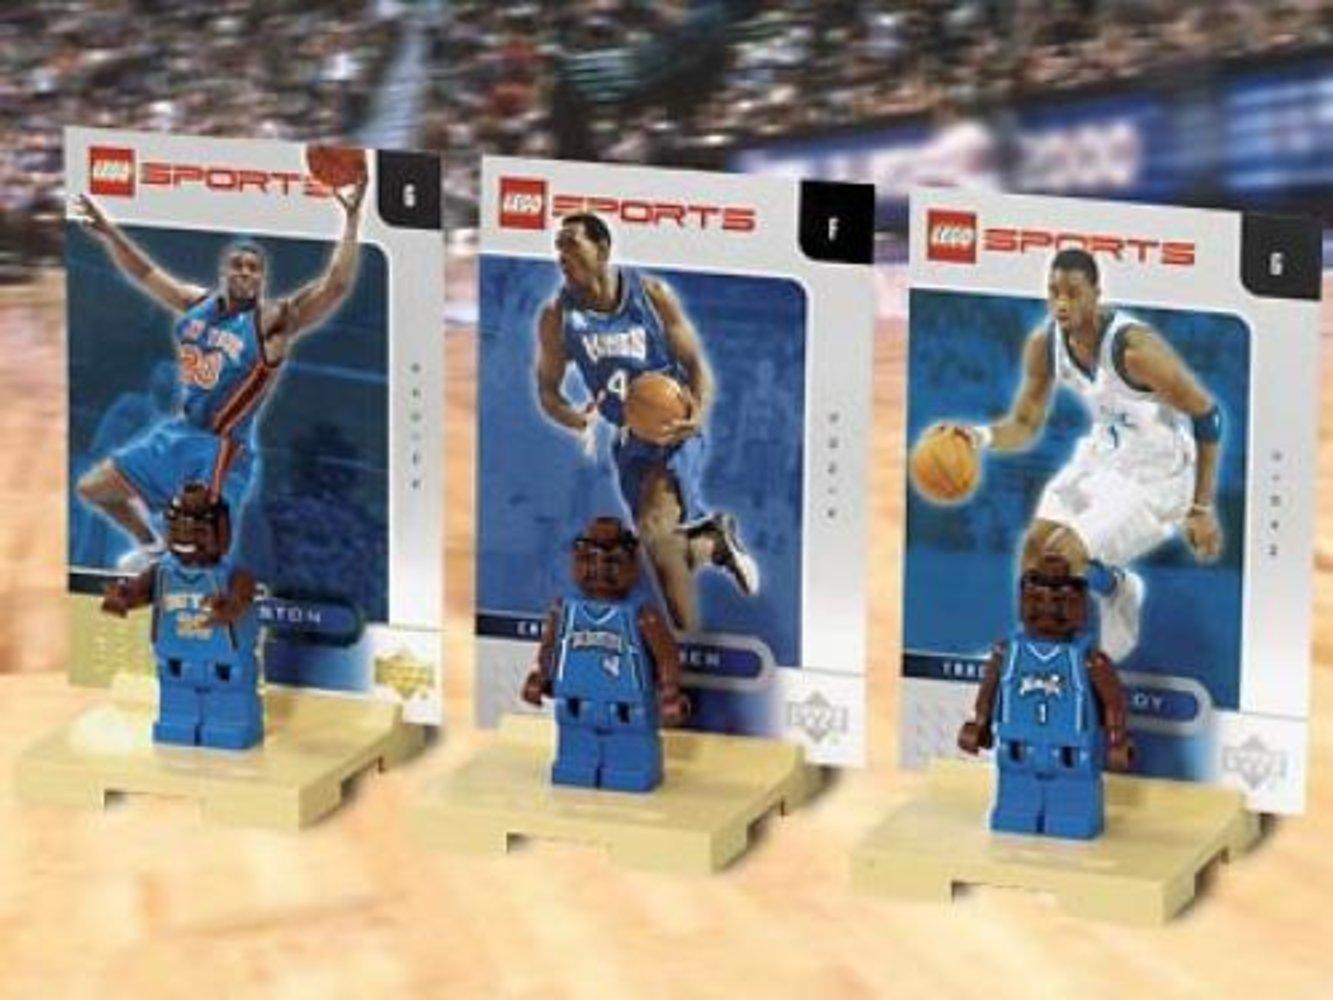 NBA Collectors #8